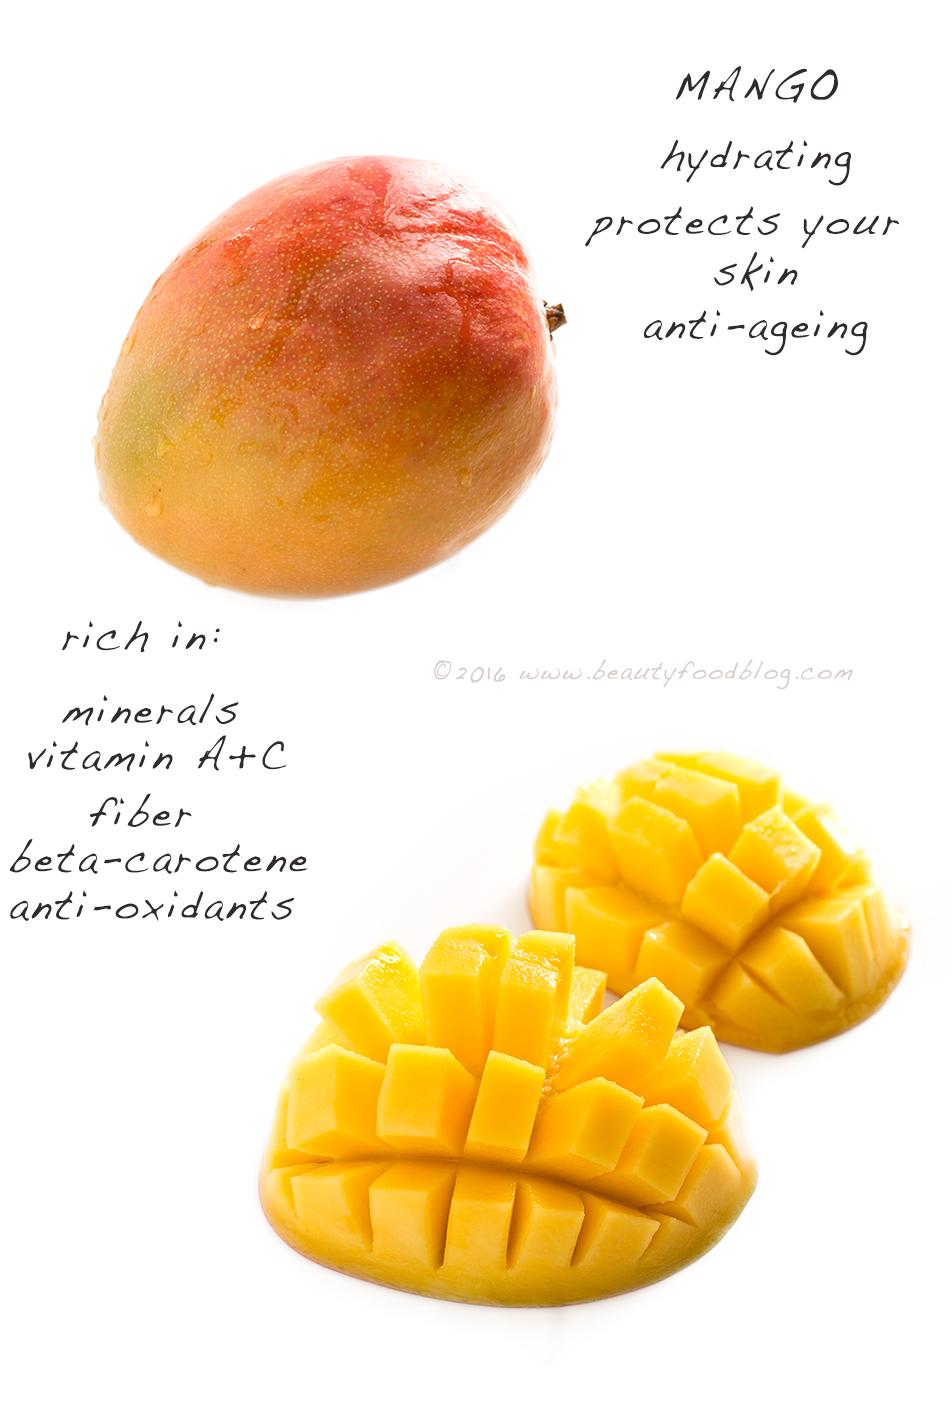 proprieta mango mango properties